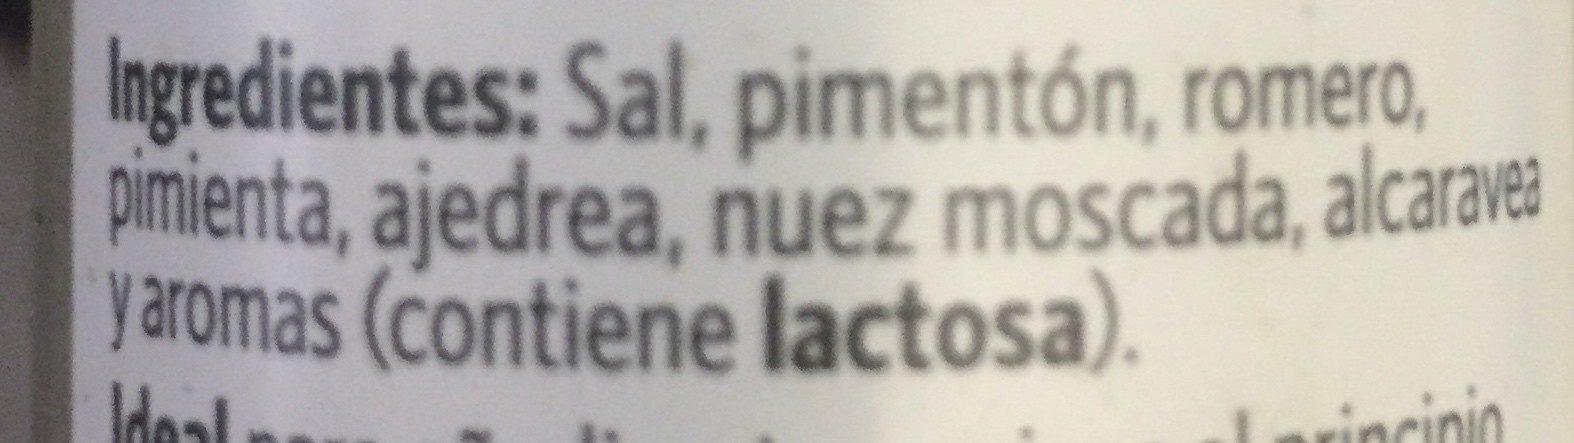 Carne sazonador - Ingredients - es